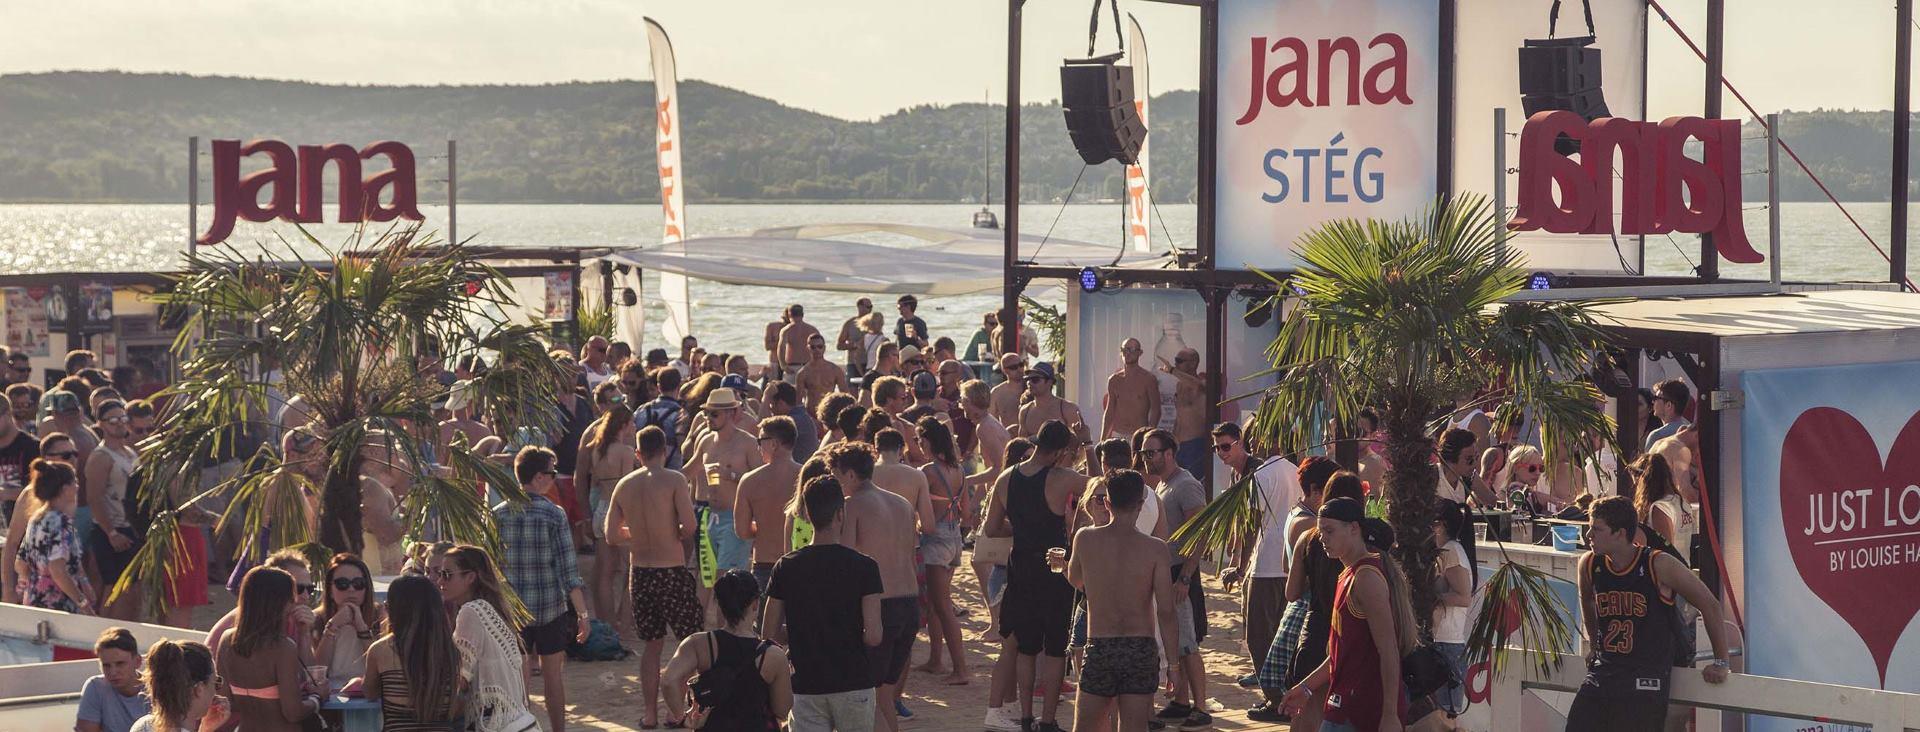 FOTO: VIDEO: JANA STAGE Središnje mjesto after-partyja u sklopu Balaton Sound Festivala